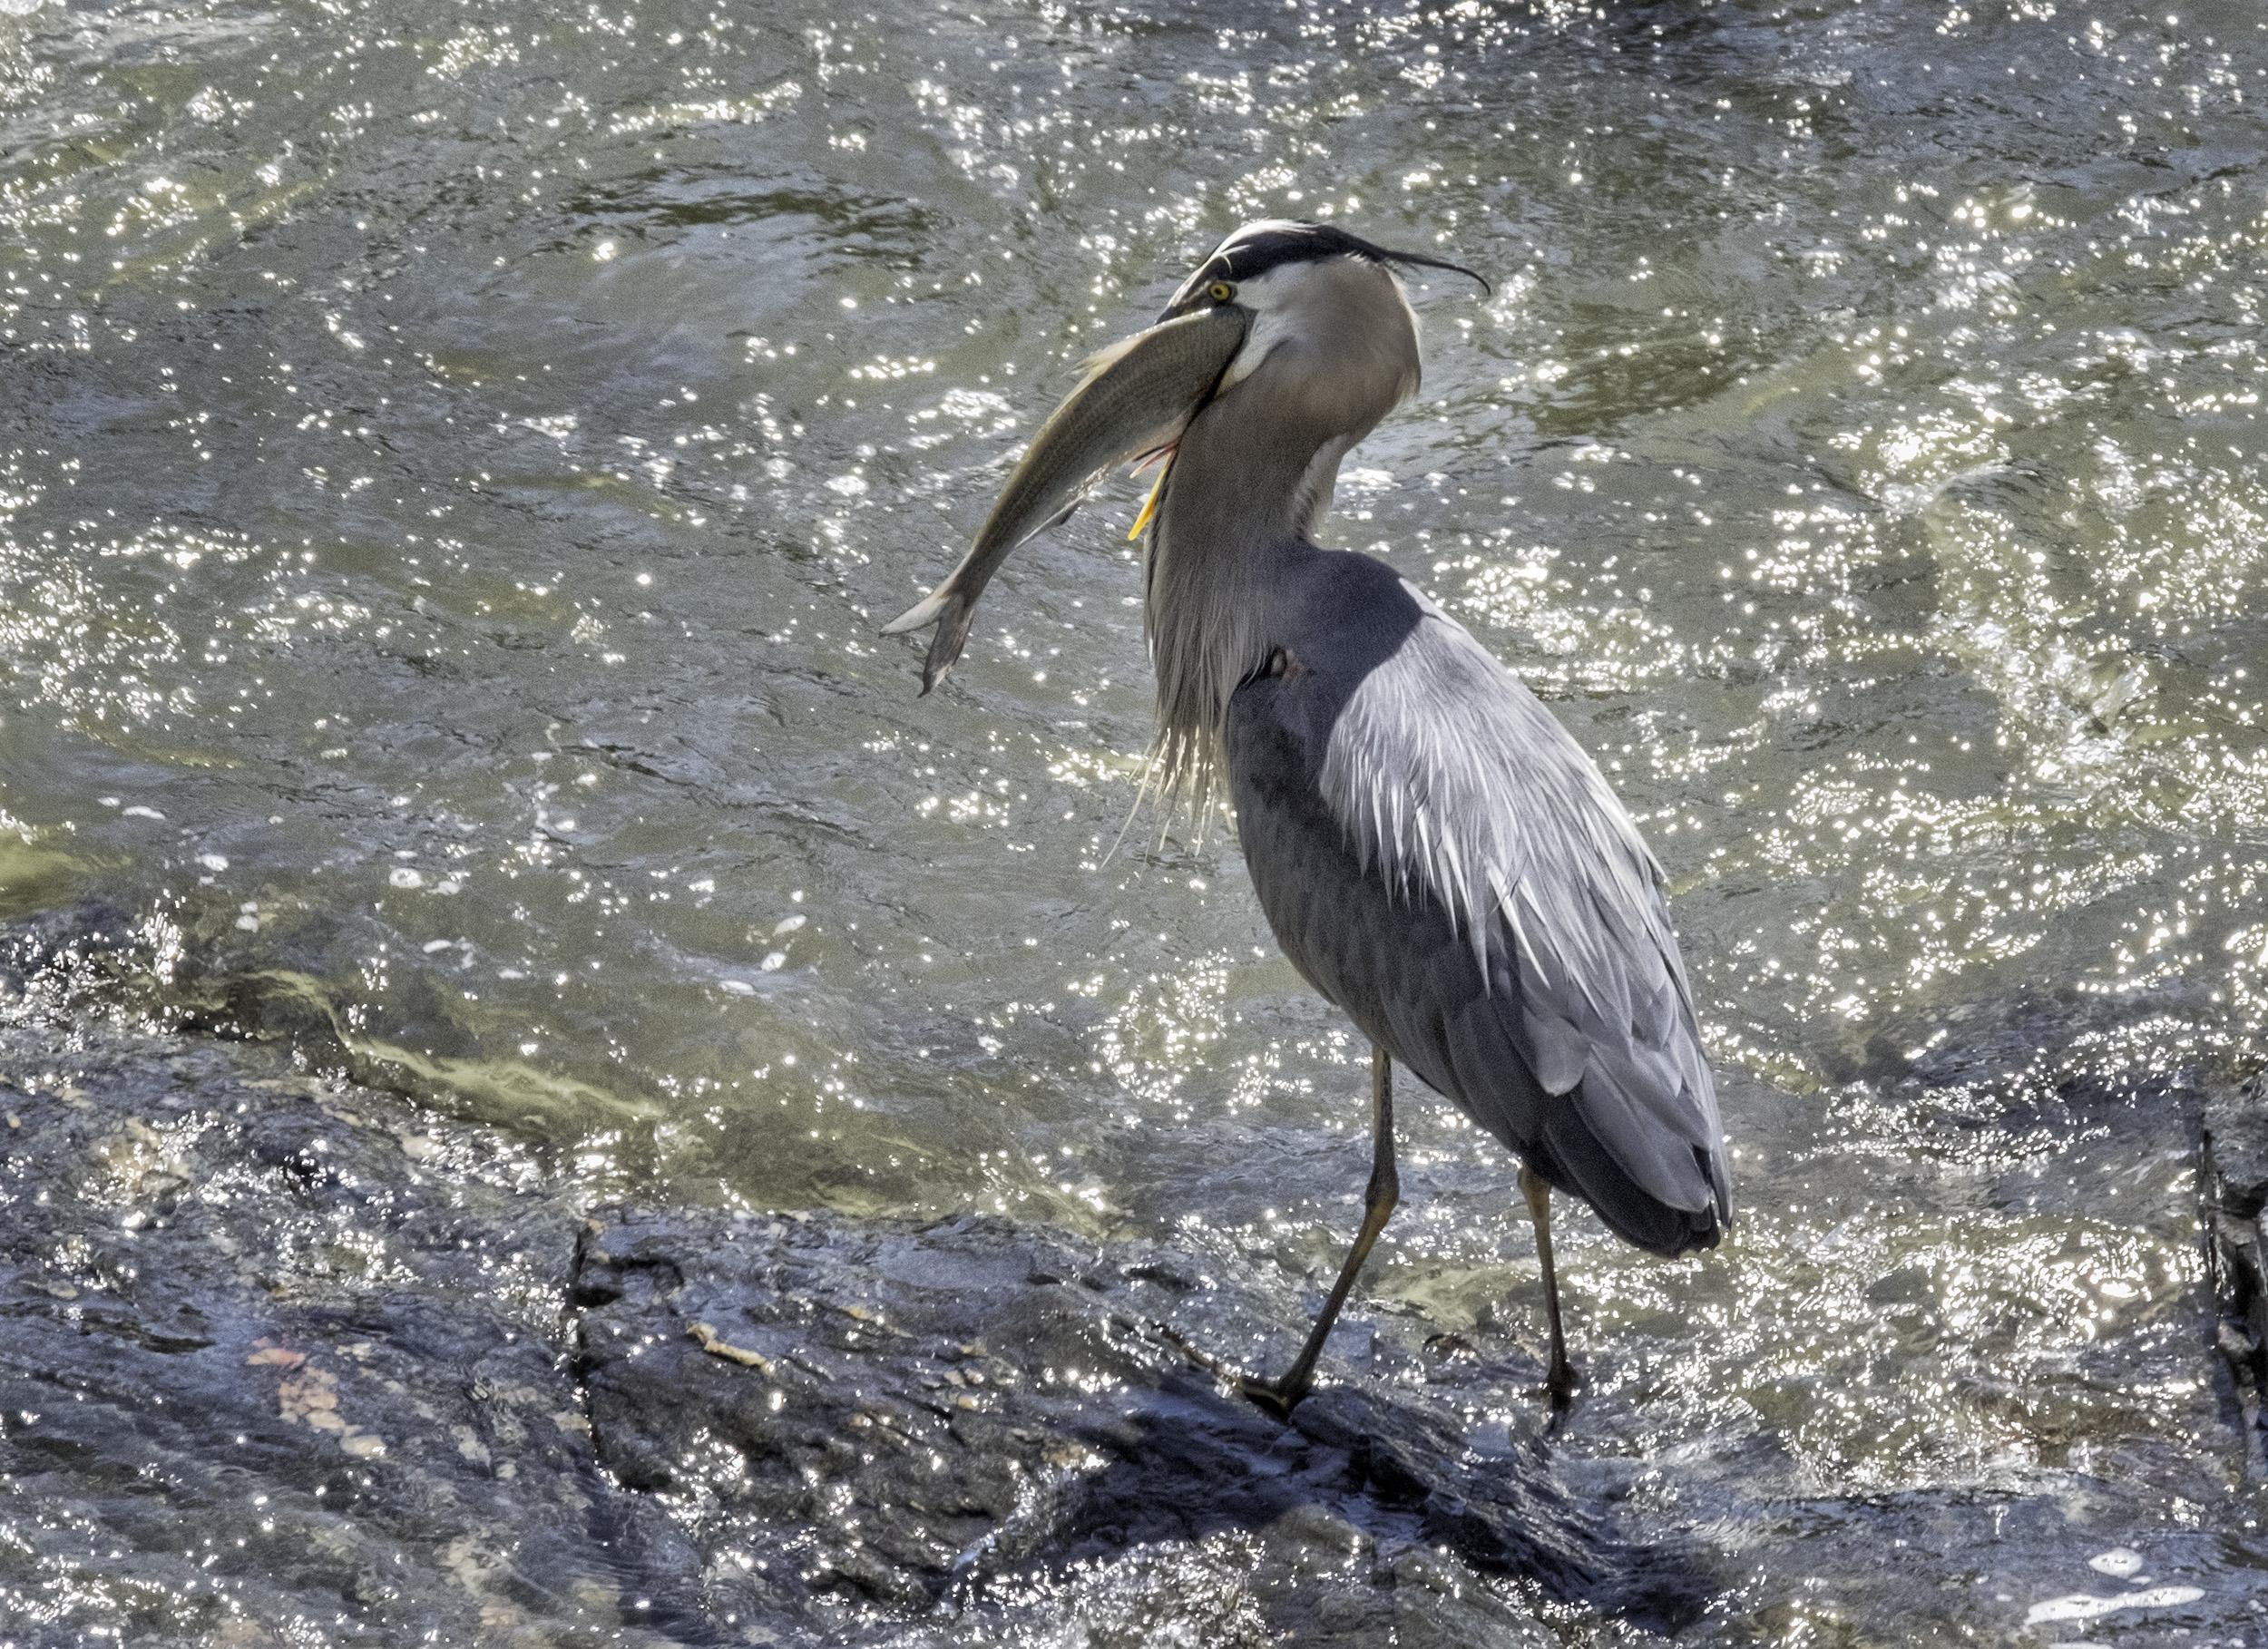 190521 Great Falls Heron 091-1.jpg